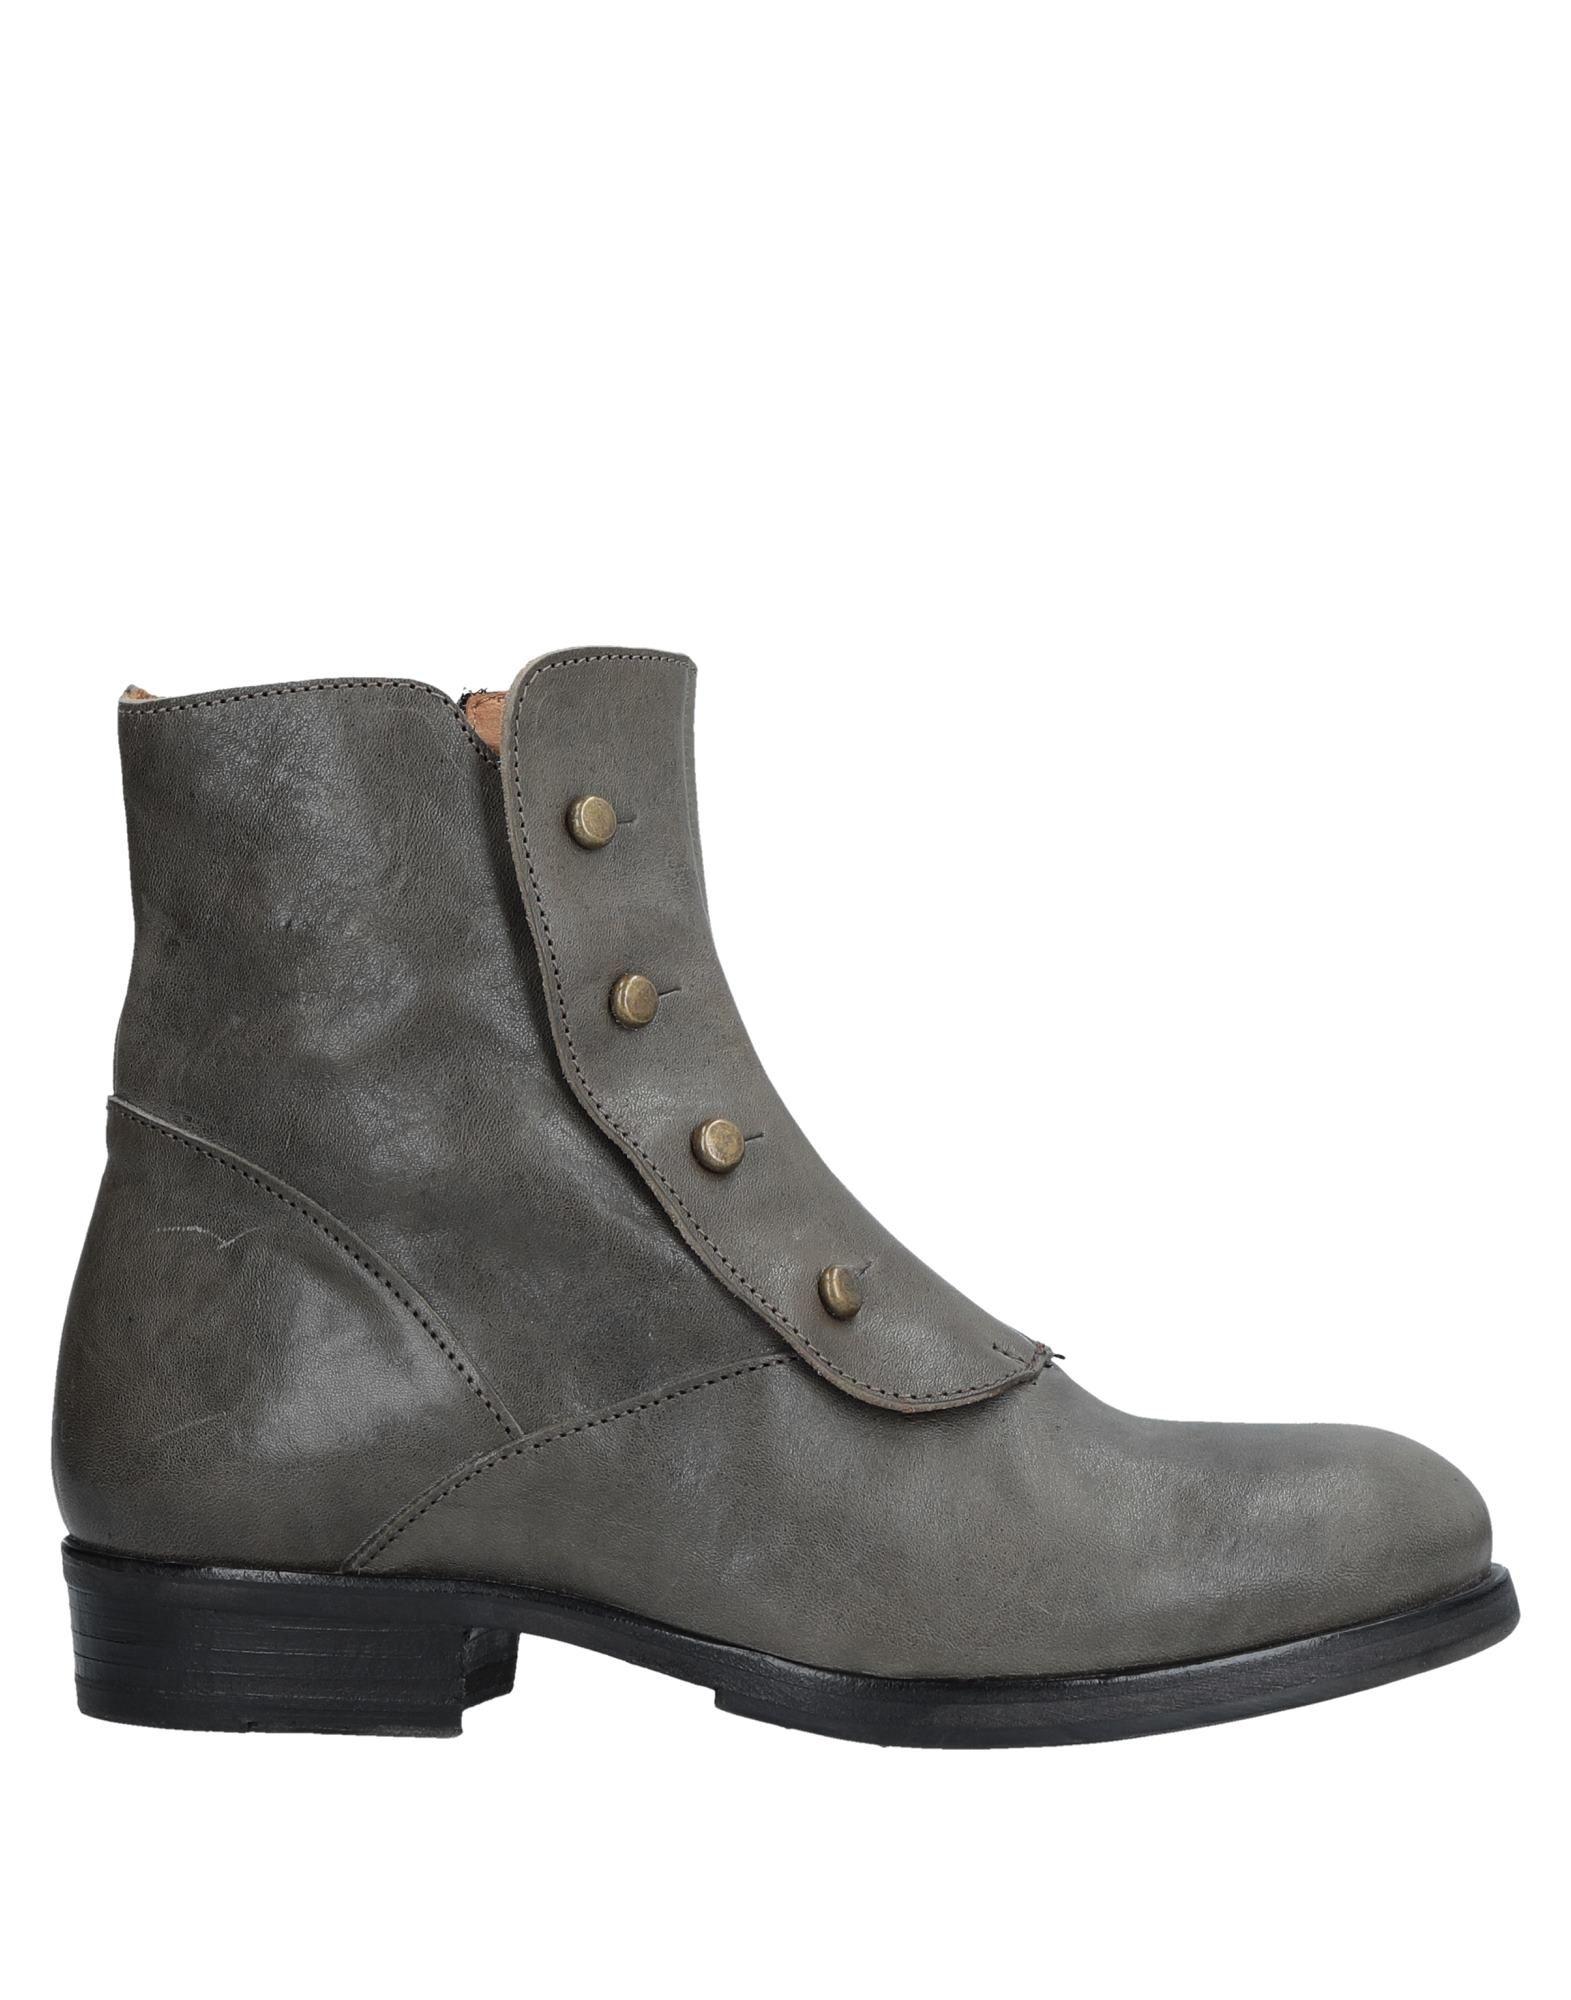 Rabatt Schuhe 11537245EE Fiorentini+Baker Stiefelette Damen  11537245EE Schuhe 860e13